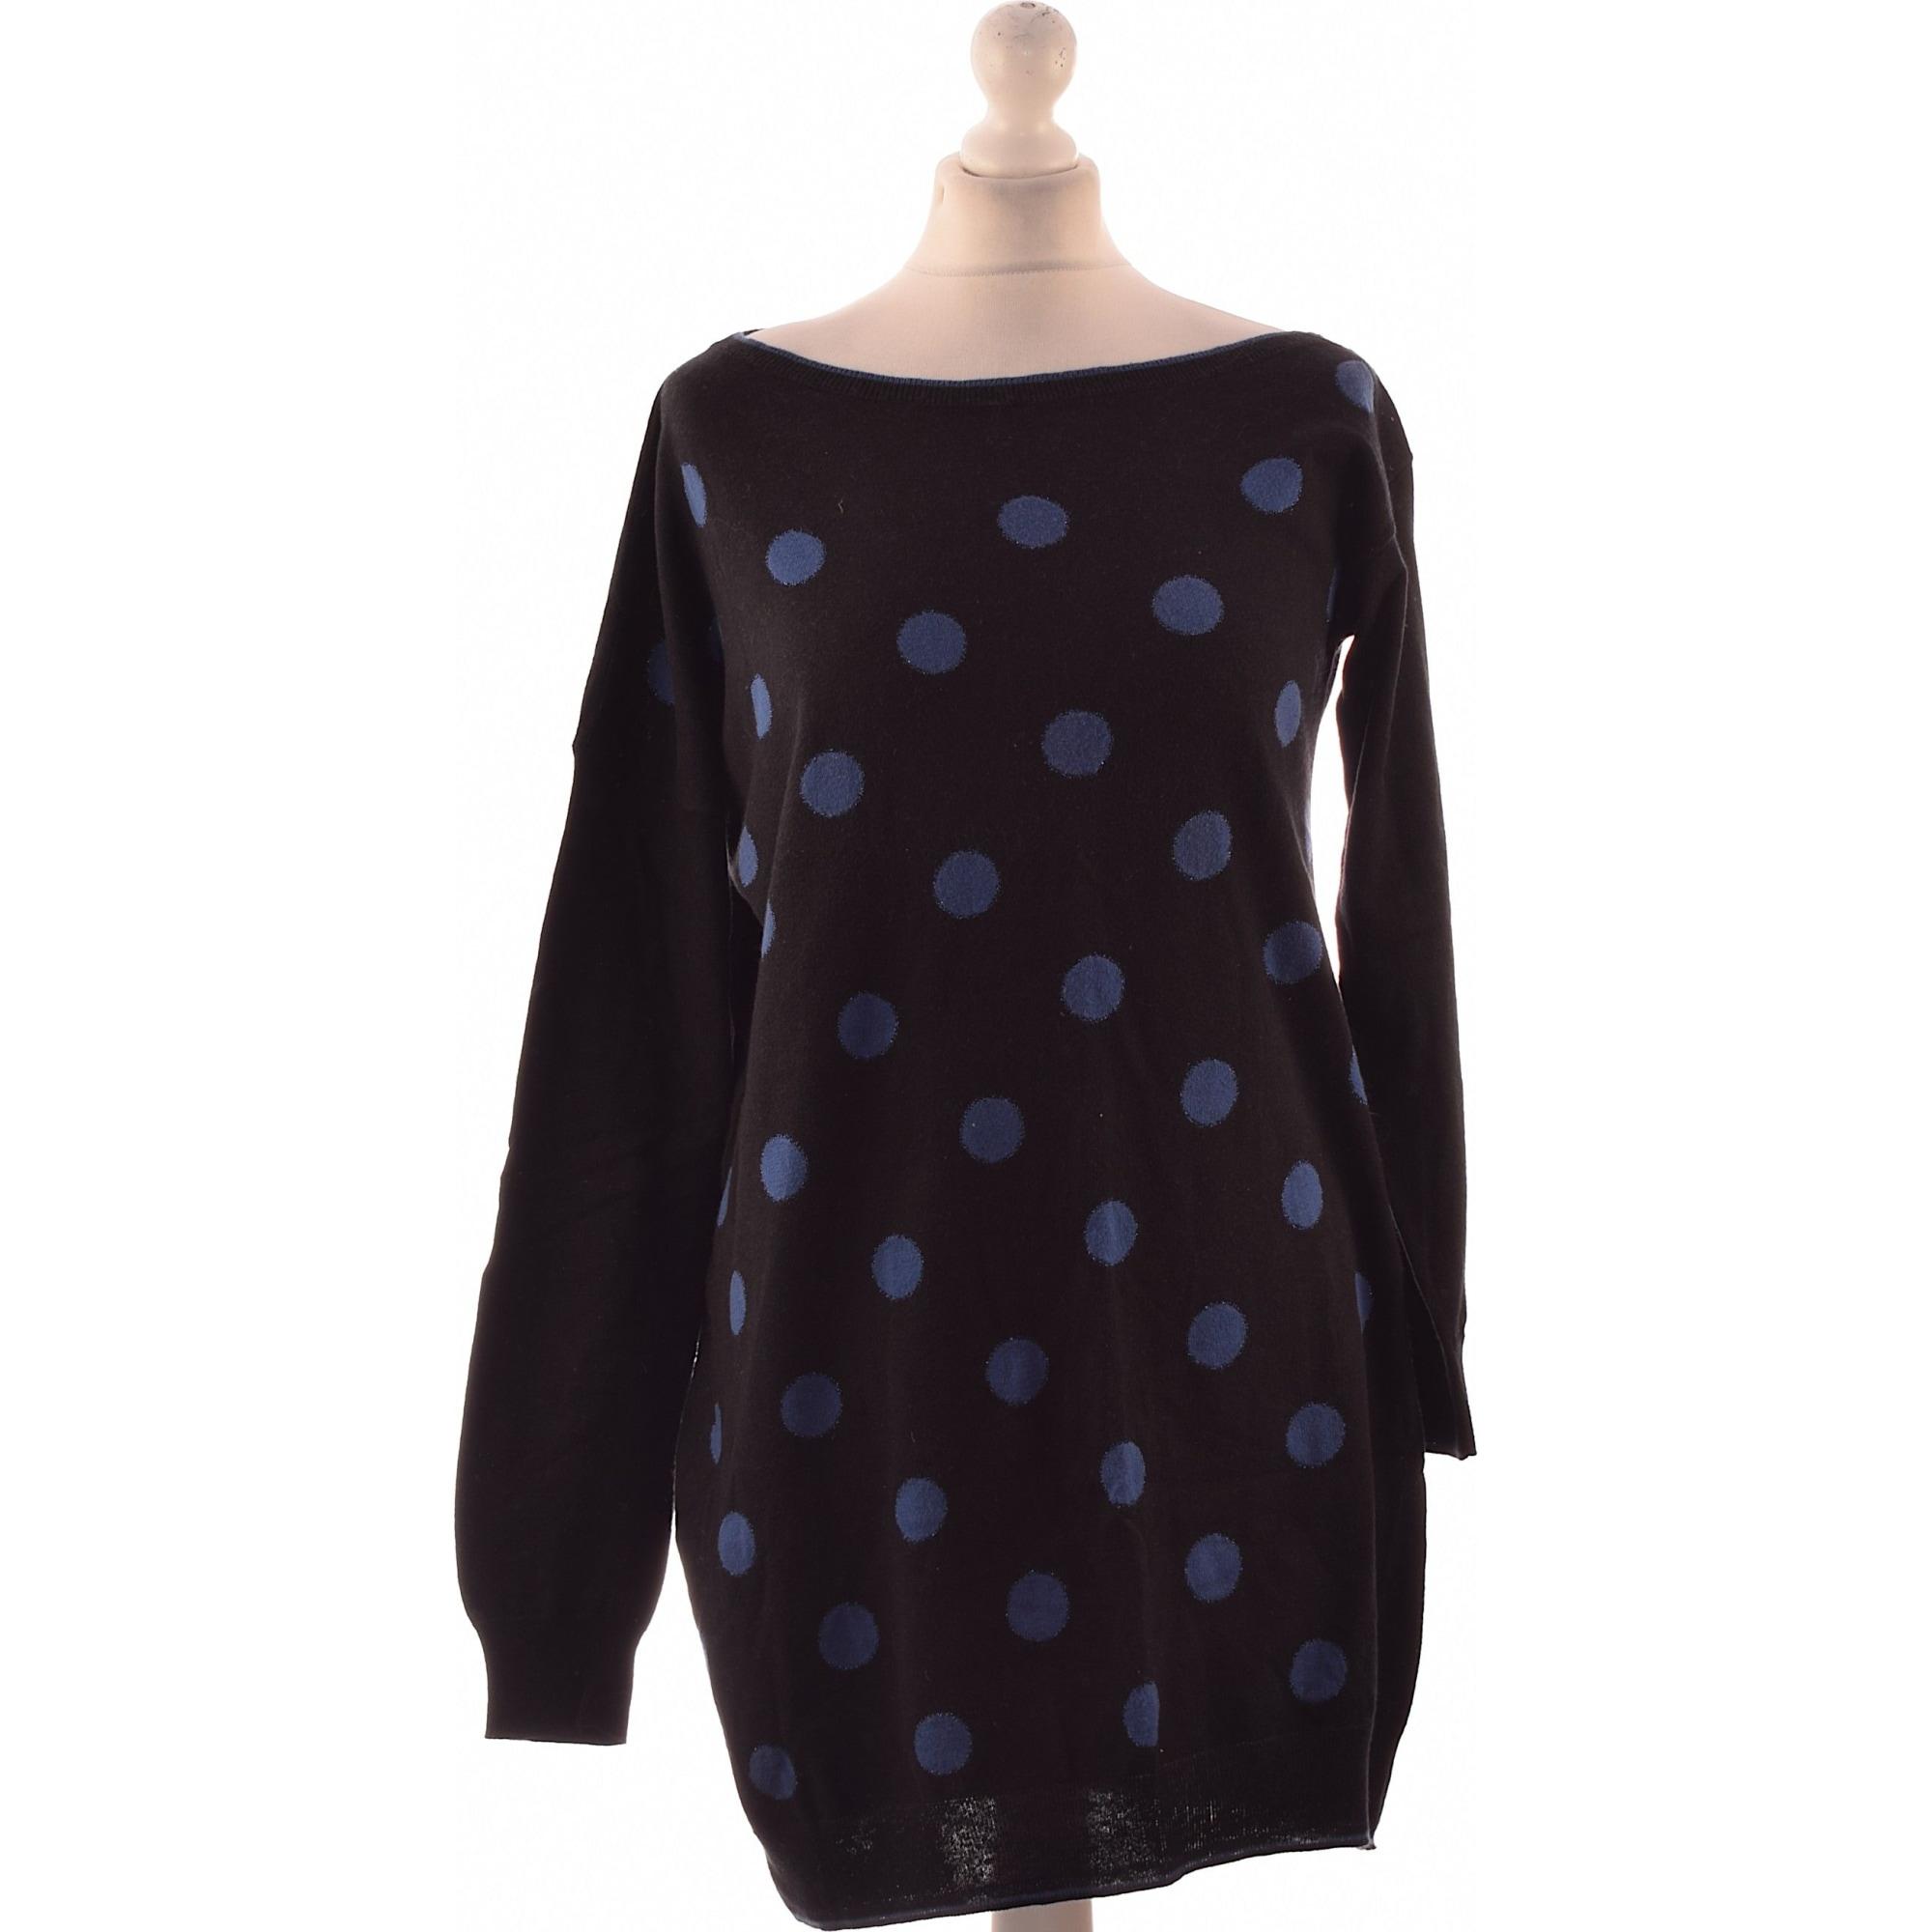 Sweater LIU JO Black